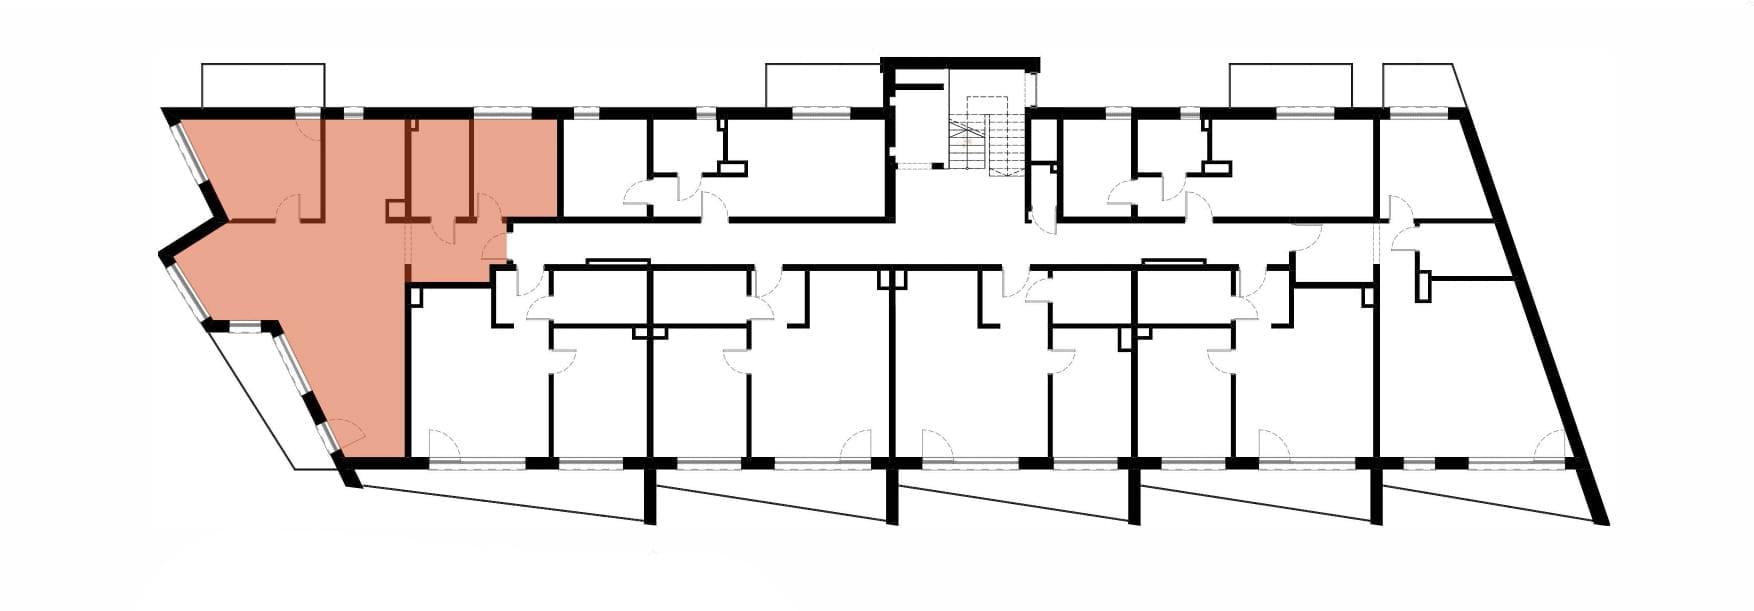 Apartamenty Kamienna / apartamenty inwestycyjne M22 rzut 2